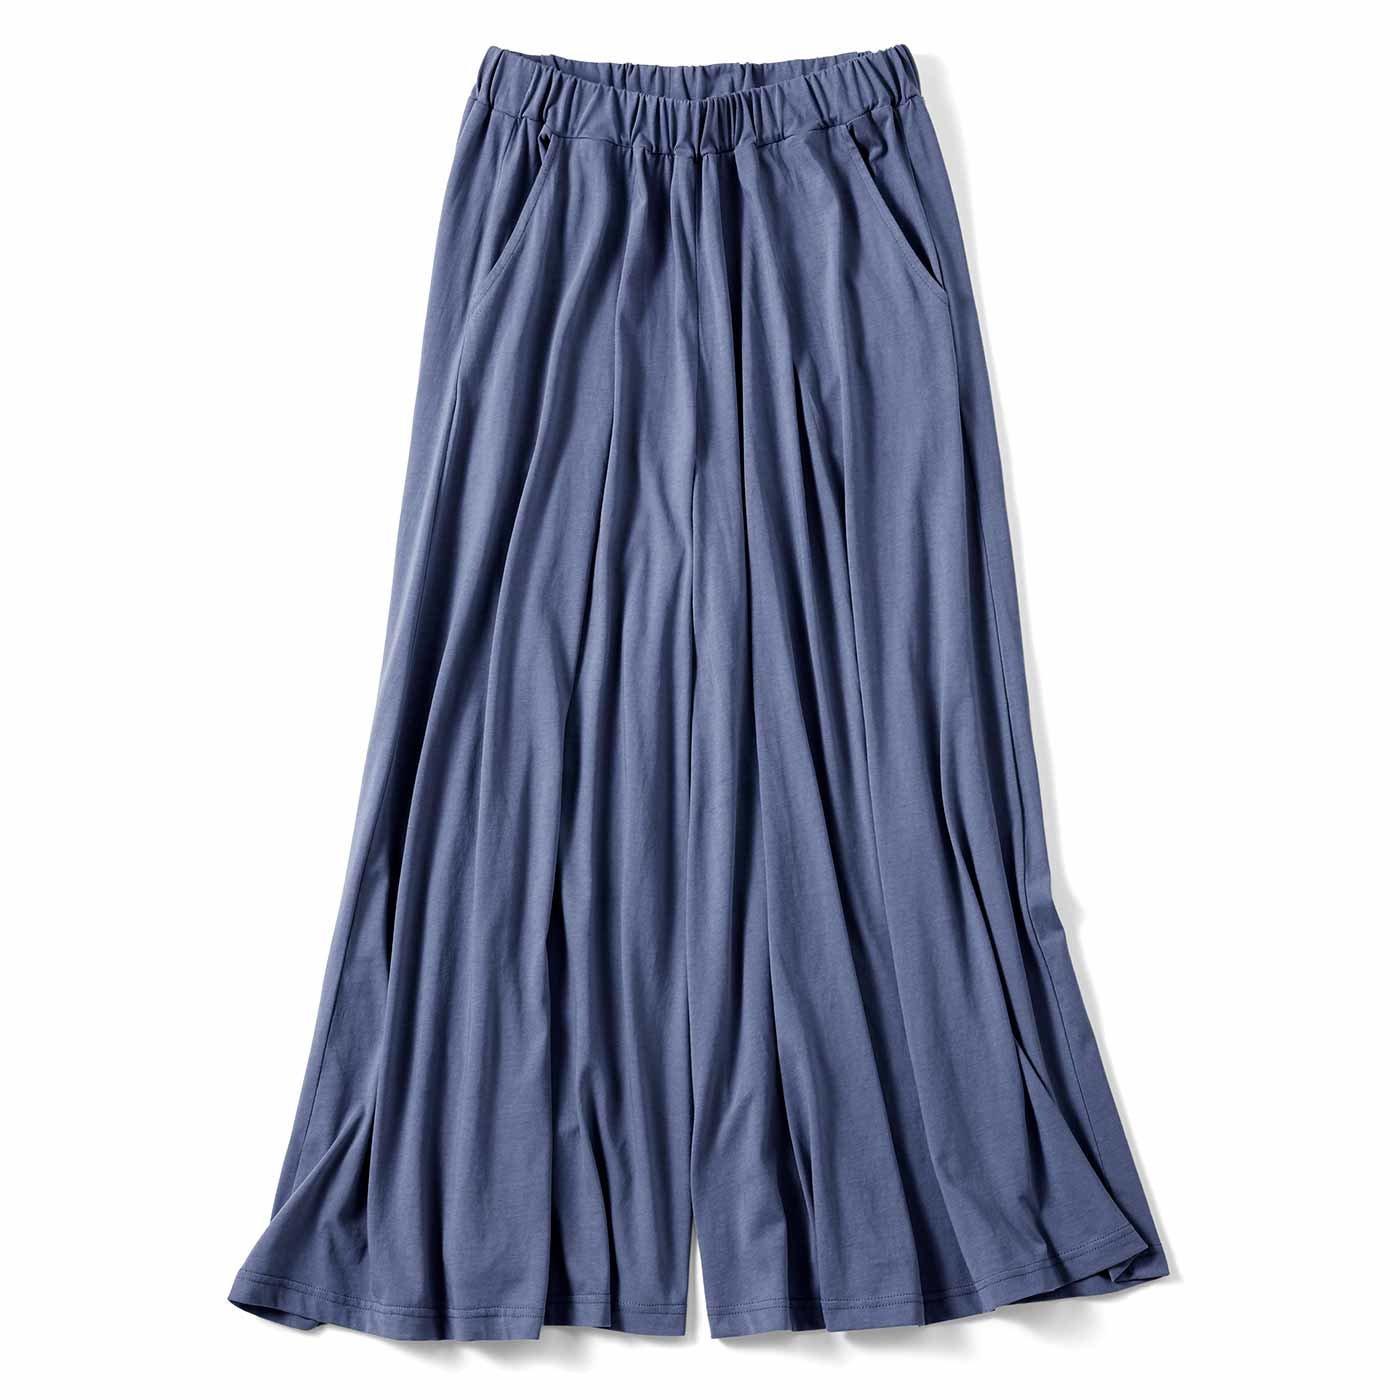 リブ イン コンフォート やわらかカットソー素材のスカート見えガウチョの会